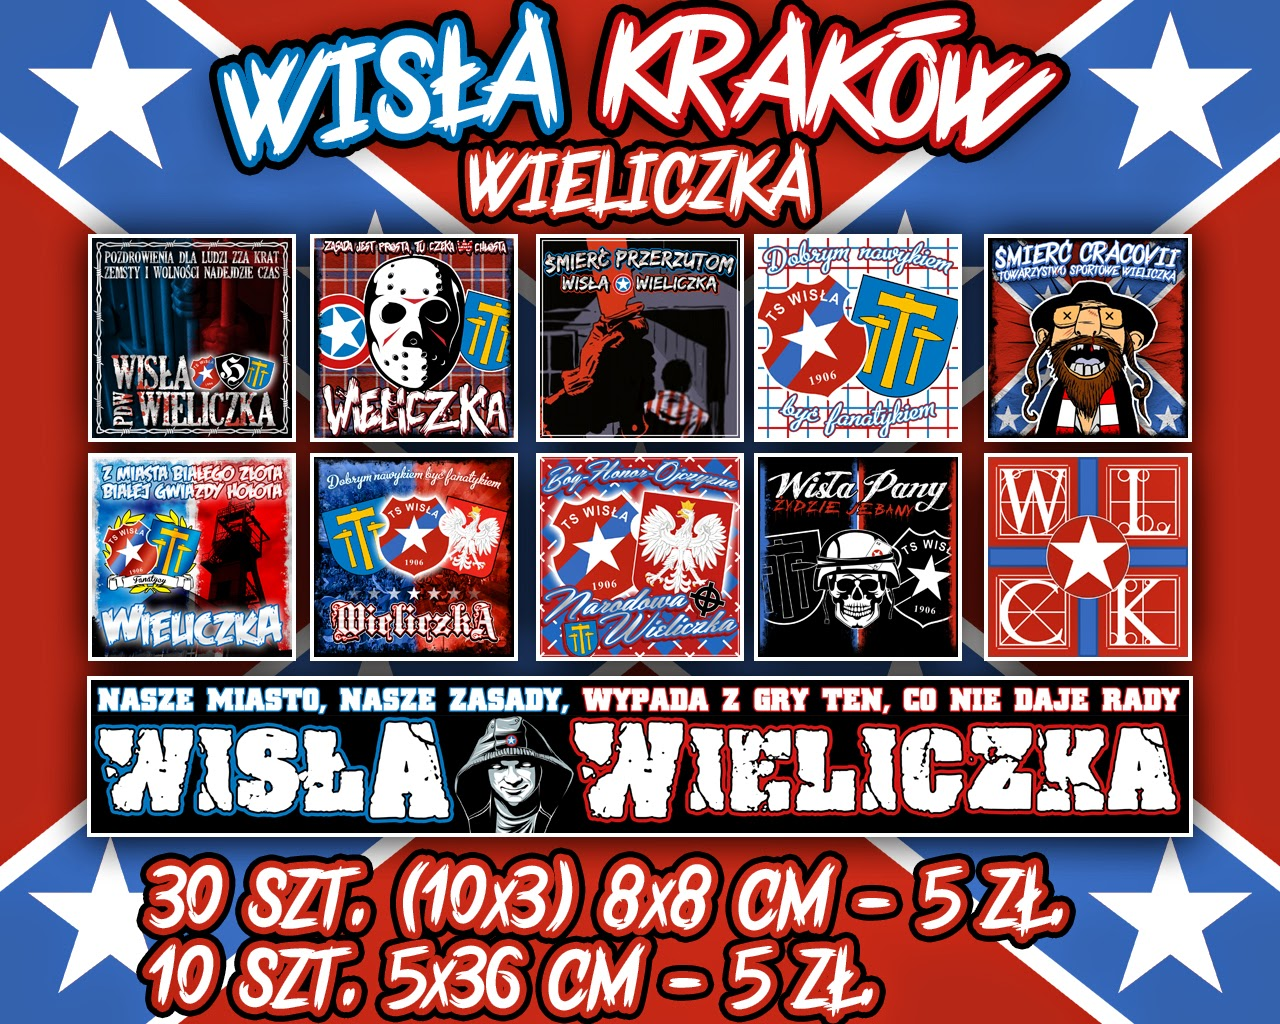 Wisla Krakau